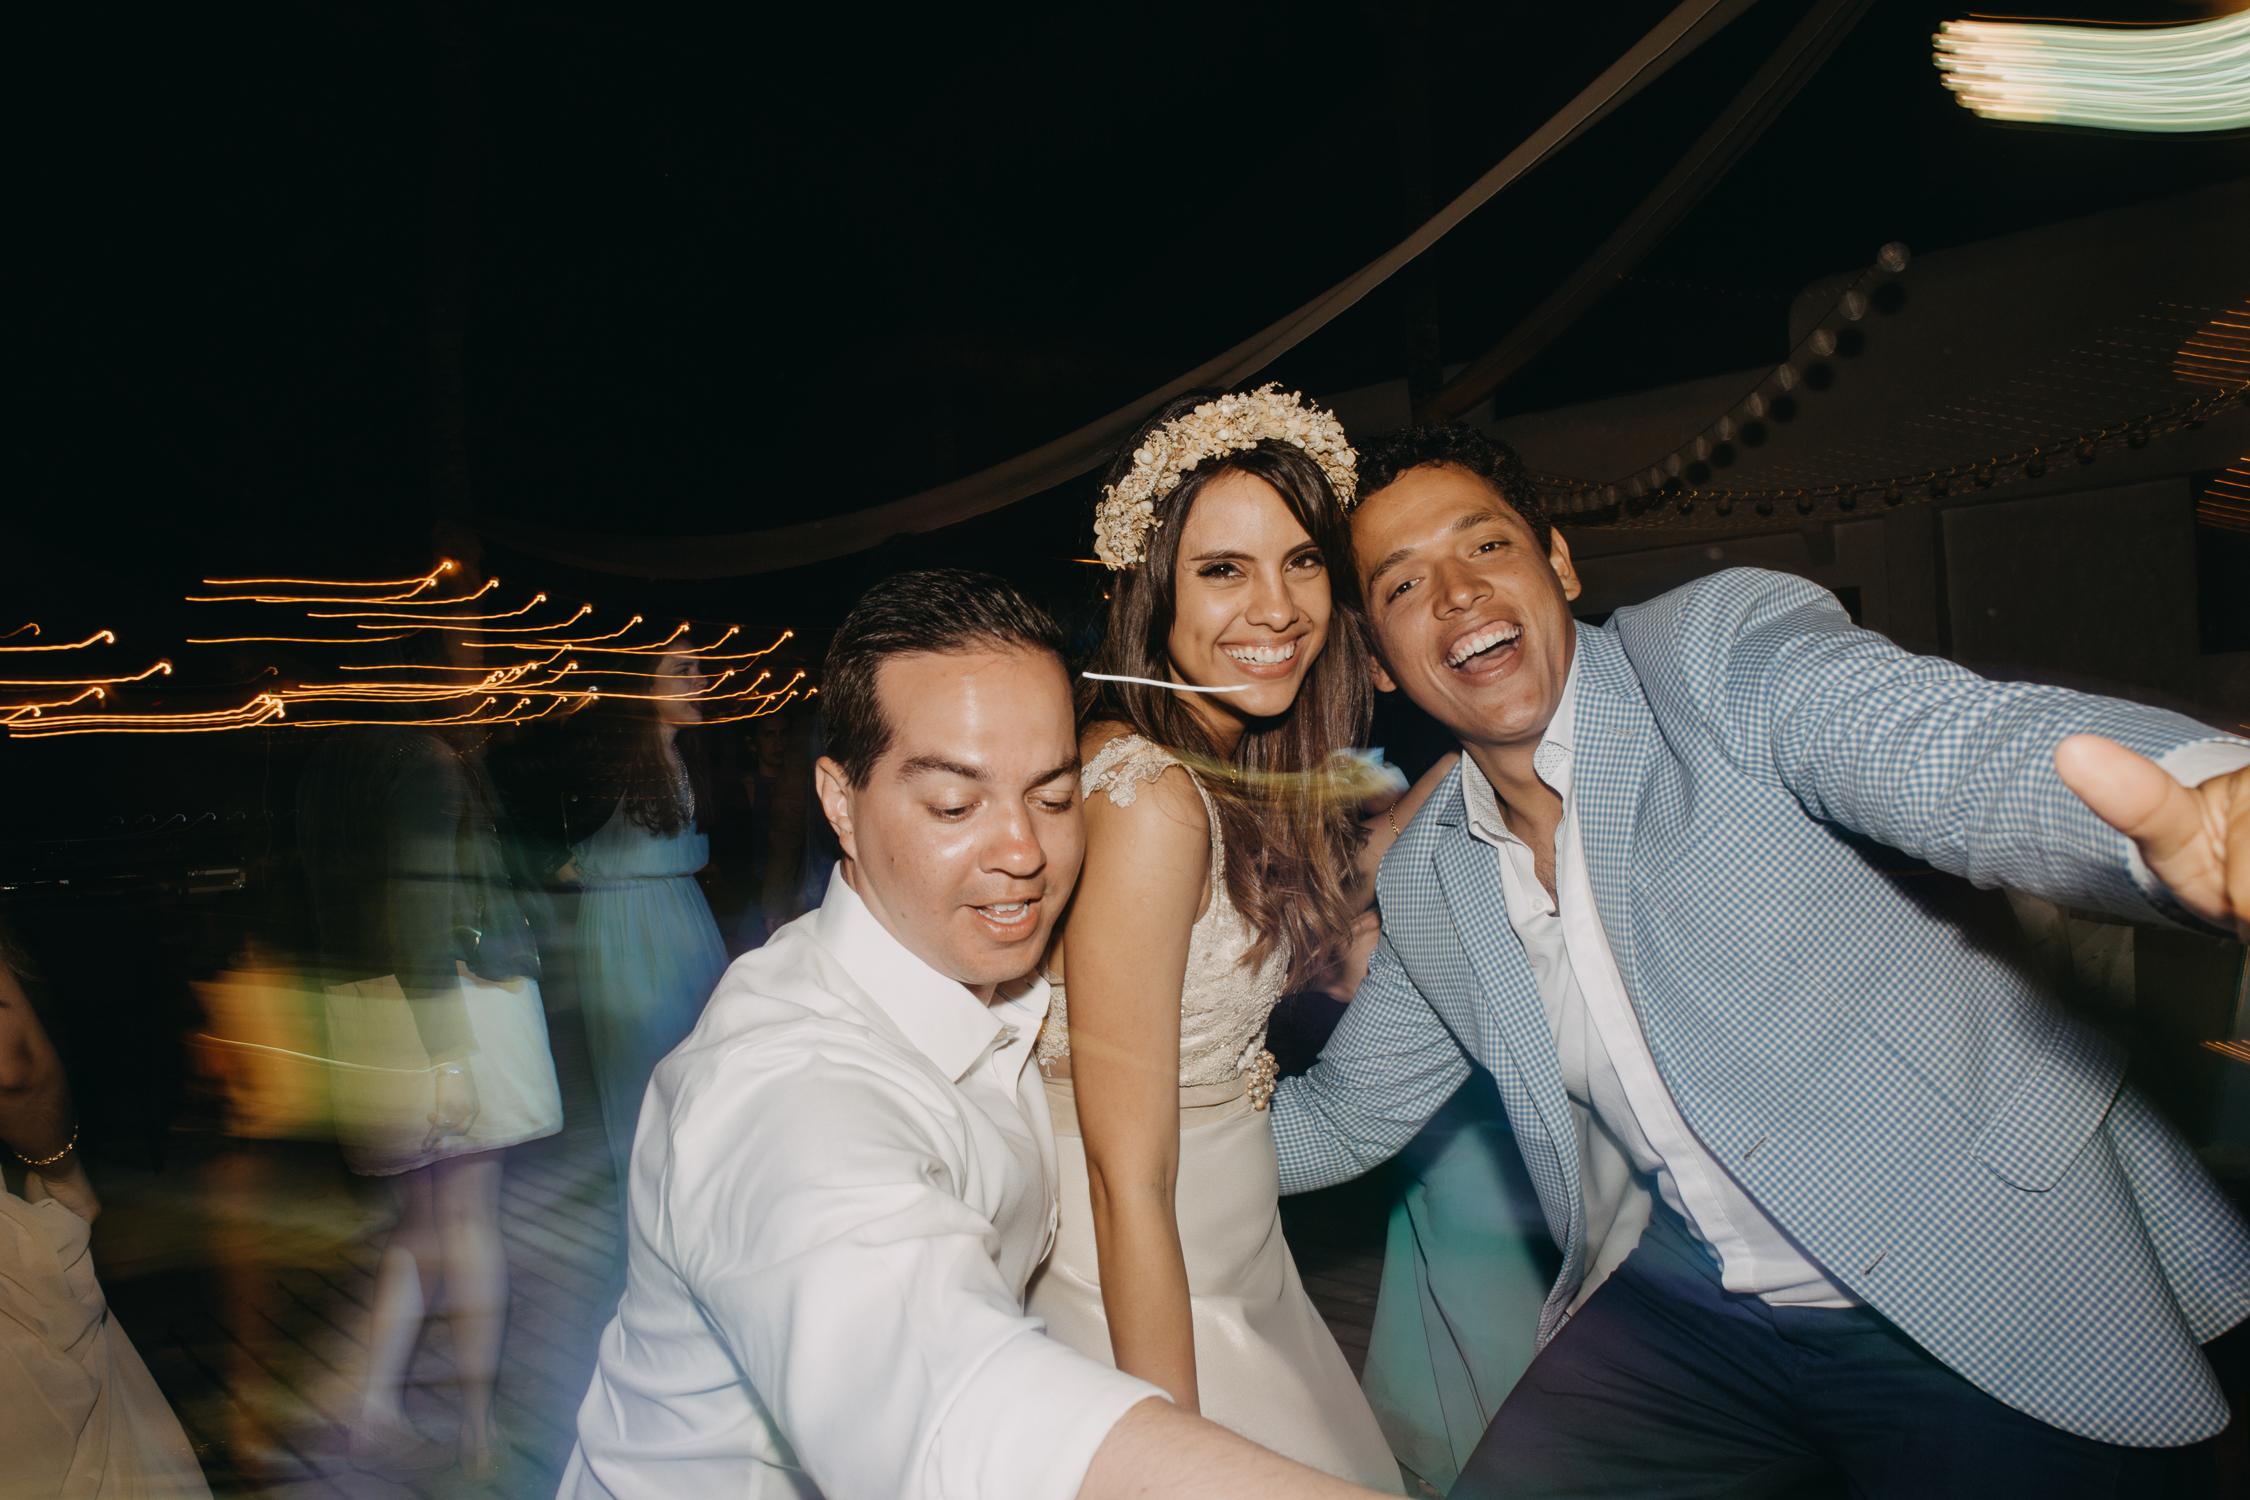 Michelle-Agurto-Fotografia-Bodas-Ecuador-Destination-Wedding-Photographer-Galapagos-Andrea-Joaquin-417.JPG